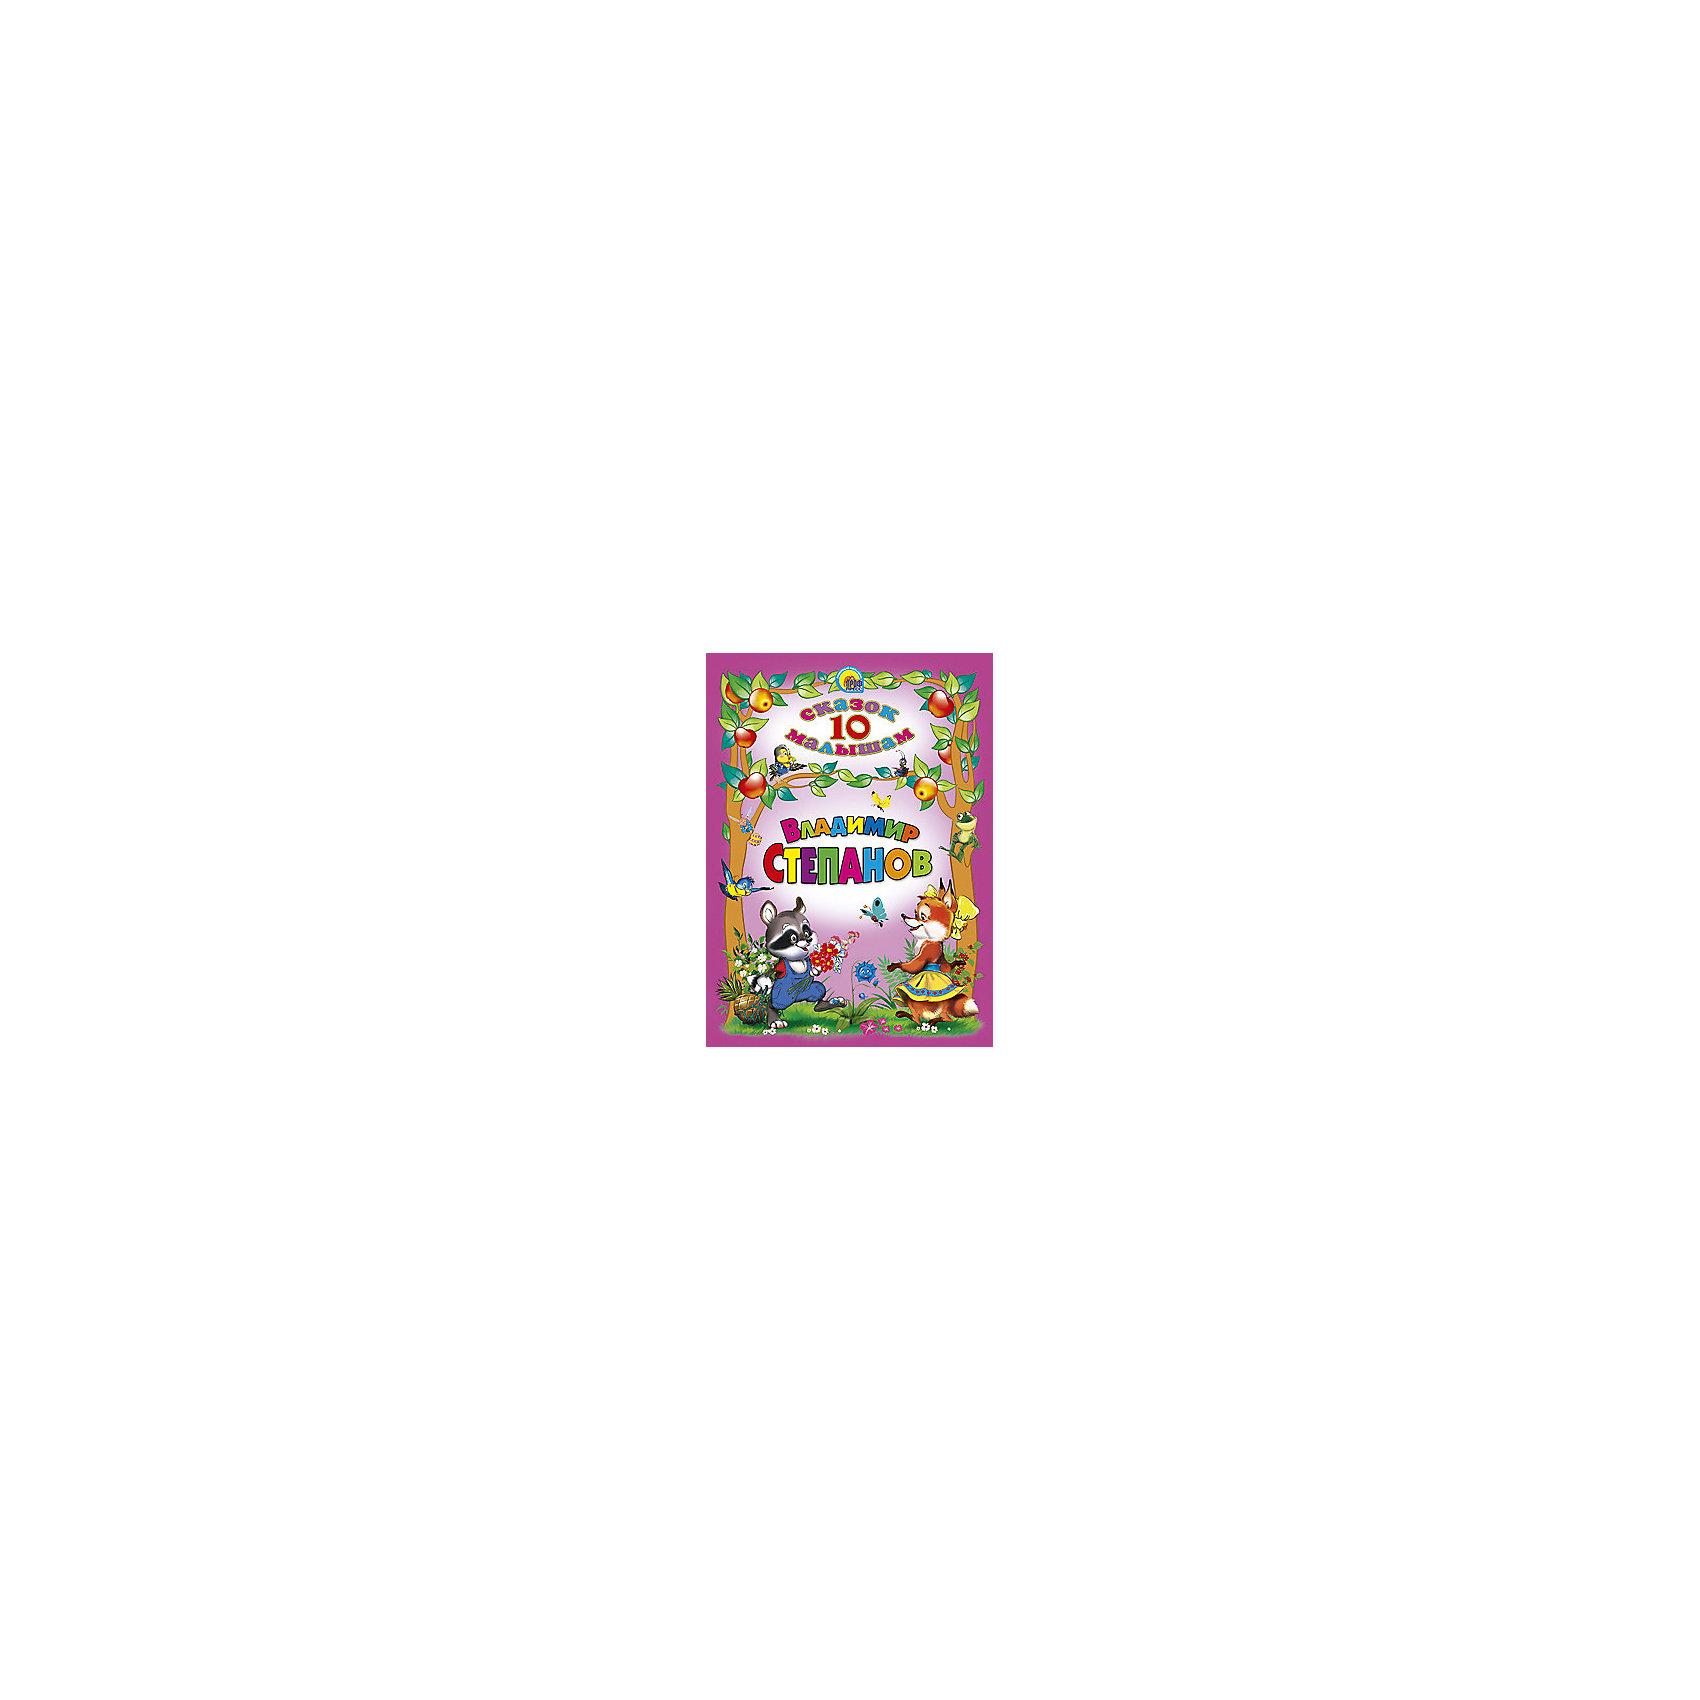 10 сказок, В. СтепановРусские сказки<br>Книга Владимира Степанова из серии 10 сказок малышам обязательно понравится и детям, и взрослым. Забавные стихотворения в сочетании с яркими иллюстрациями вызовут восторг у ребенка и пробудят интерес к чтению. Прекрасный вариант первой книжки для малыша!<br>Дополнительная информация:<br>Издательство: Проф-Пресс<br>Автор: Владимир Степанов<br>Год выпуска: 2016<br>Серия: 10 сказок малышам<br>Обложка: твердый переплет<br>Иллюстрации: цветные<br>Количество страниц: 128<br>ISBN:978-5-378-02632-6<br>Размер: 21,5х1,3х16,2 см<br>Вес: 280 грамм<br>Книгу 10 сказок малышам. Владимир Степанов можно купить в нашем интернет-магазине.<br><br>Ширина мм: 162<br>Глубина мм: 13<br>Высота мм: 215<br>Вес г: 280<br>Возраст от месяцев: 0<br>Возраст до месяцев: 36<br>Пол: Унисекс<br>Возраст: Детский<br>SKU: 4905864